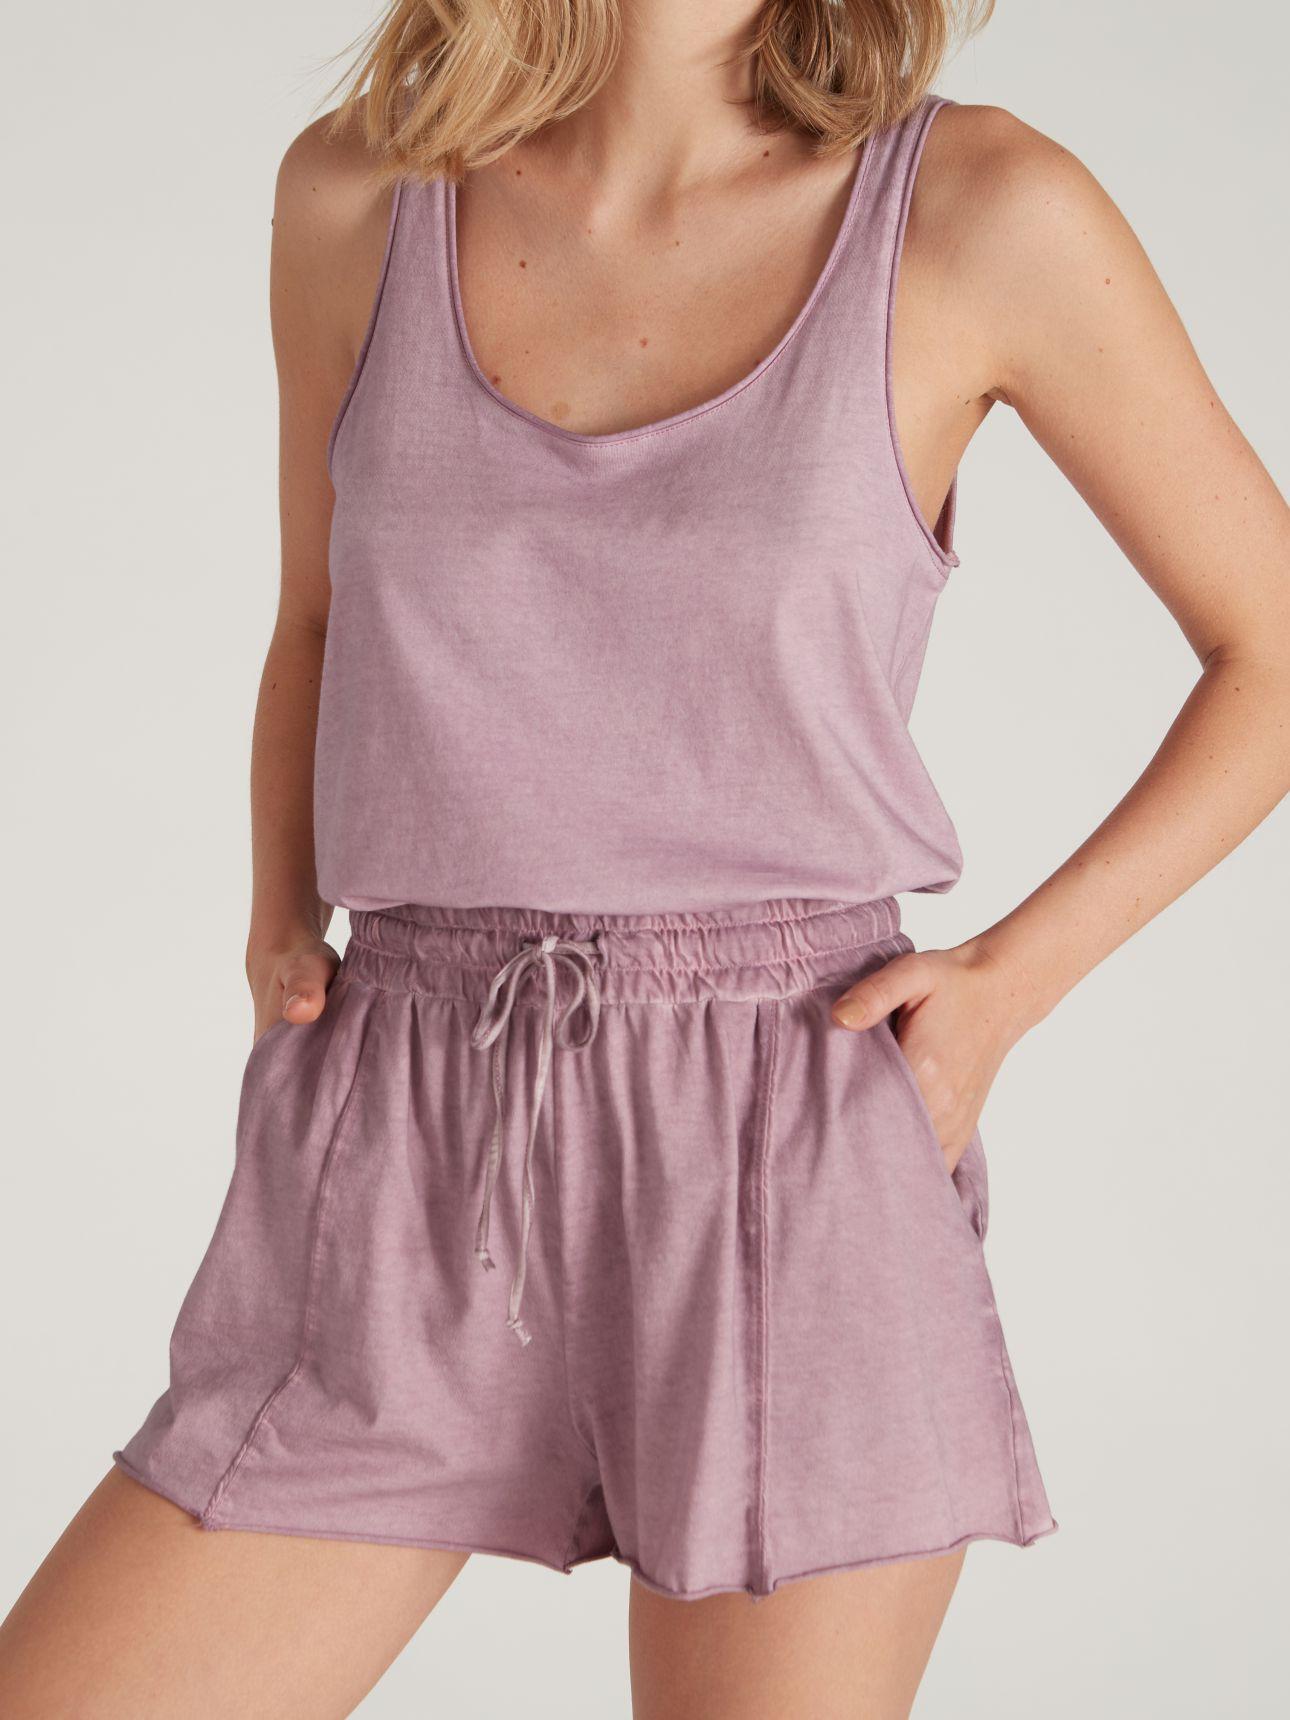 מכנסיים קצרים ROMI בצבע סגול בהיר